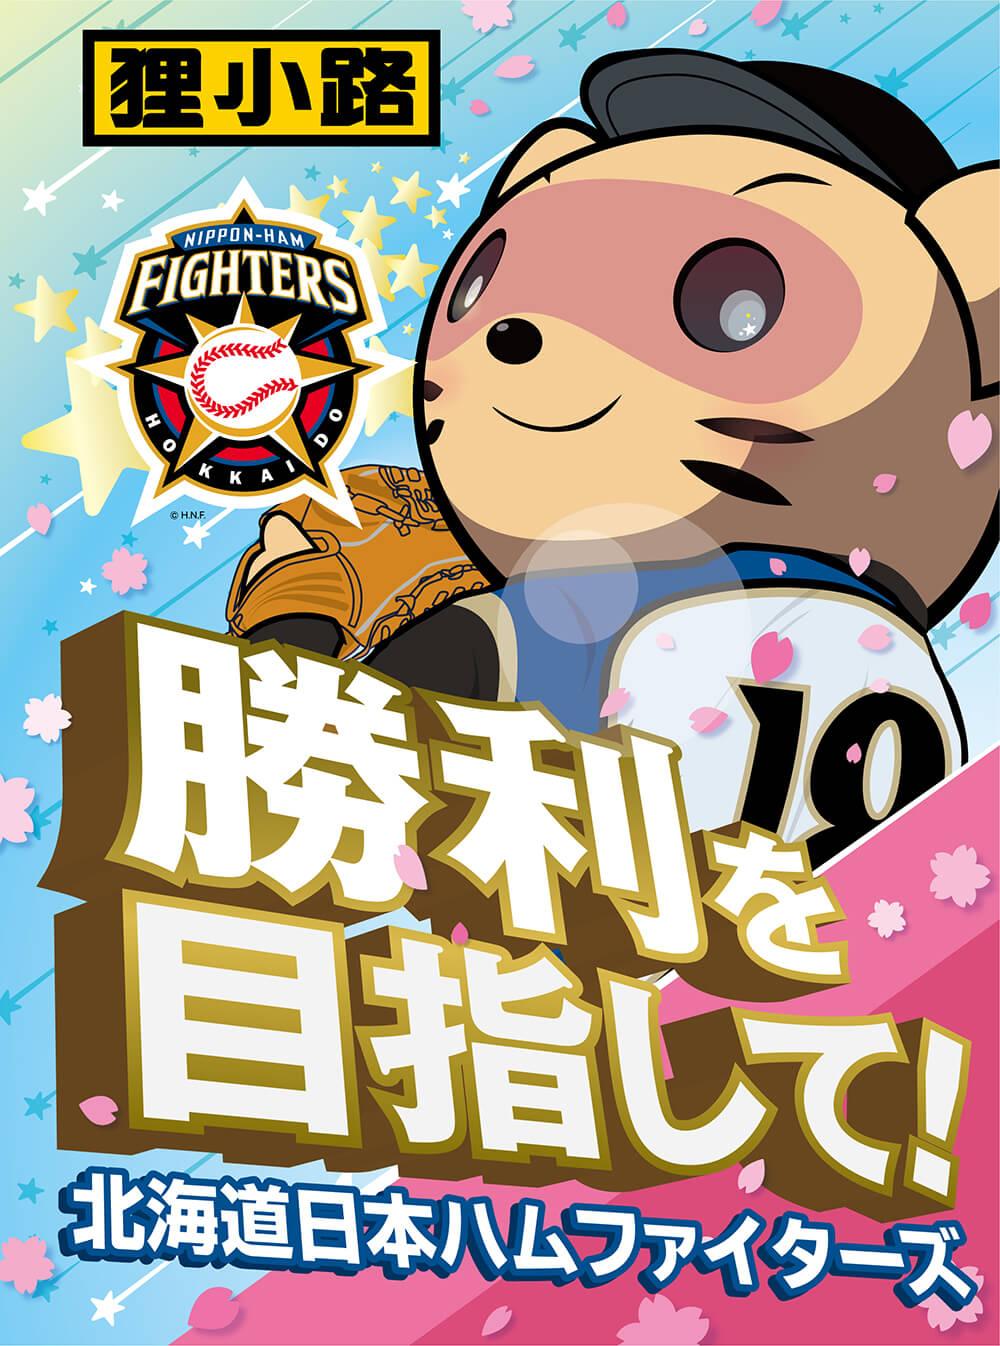 北海道日本ハムファイターズ優勝祈願祭